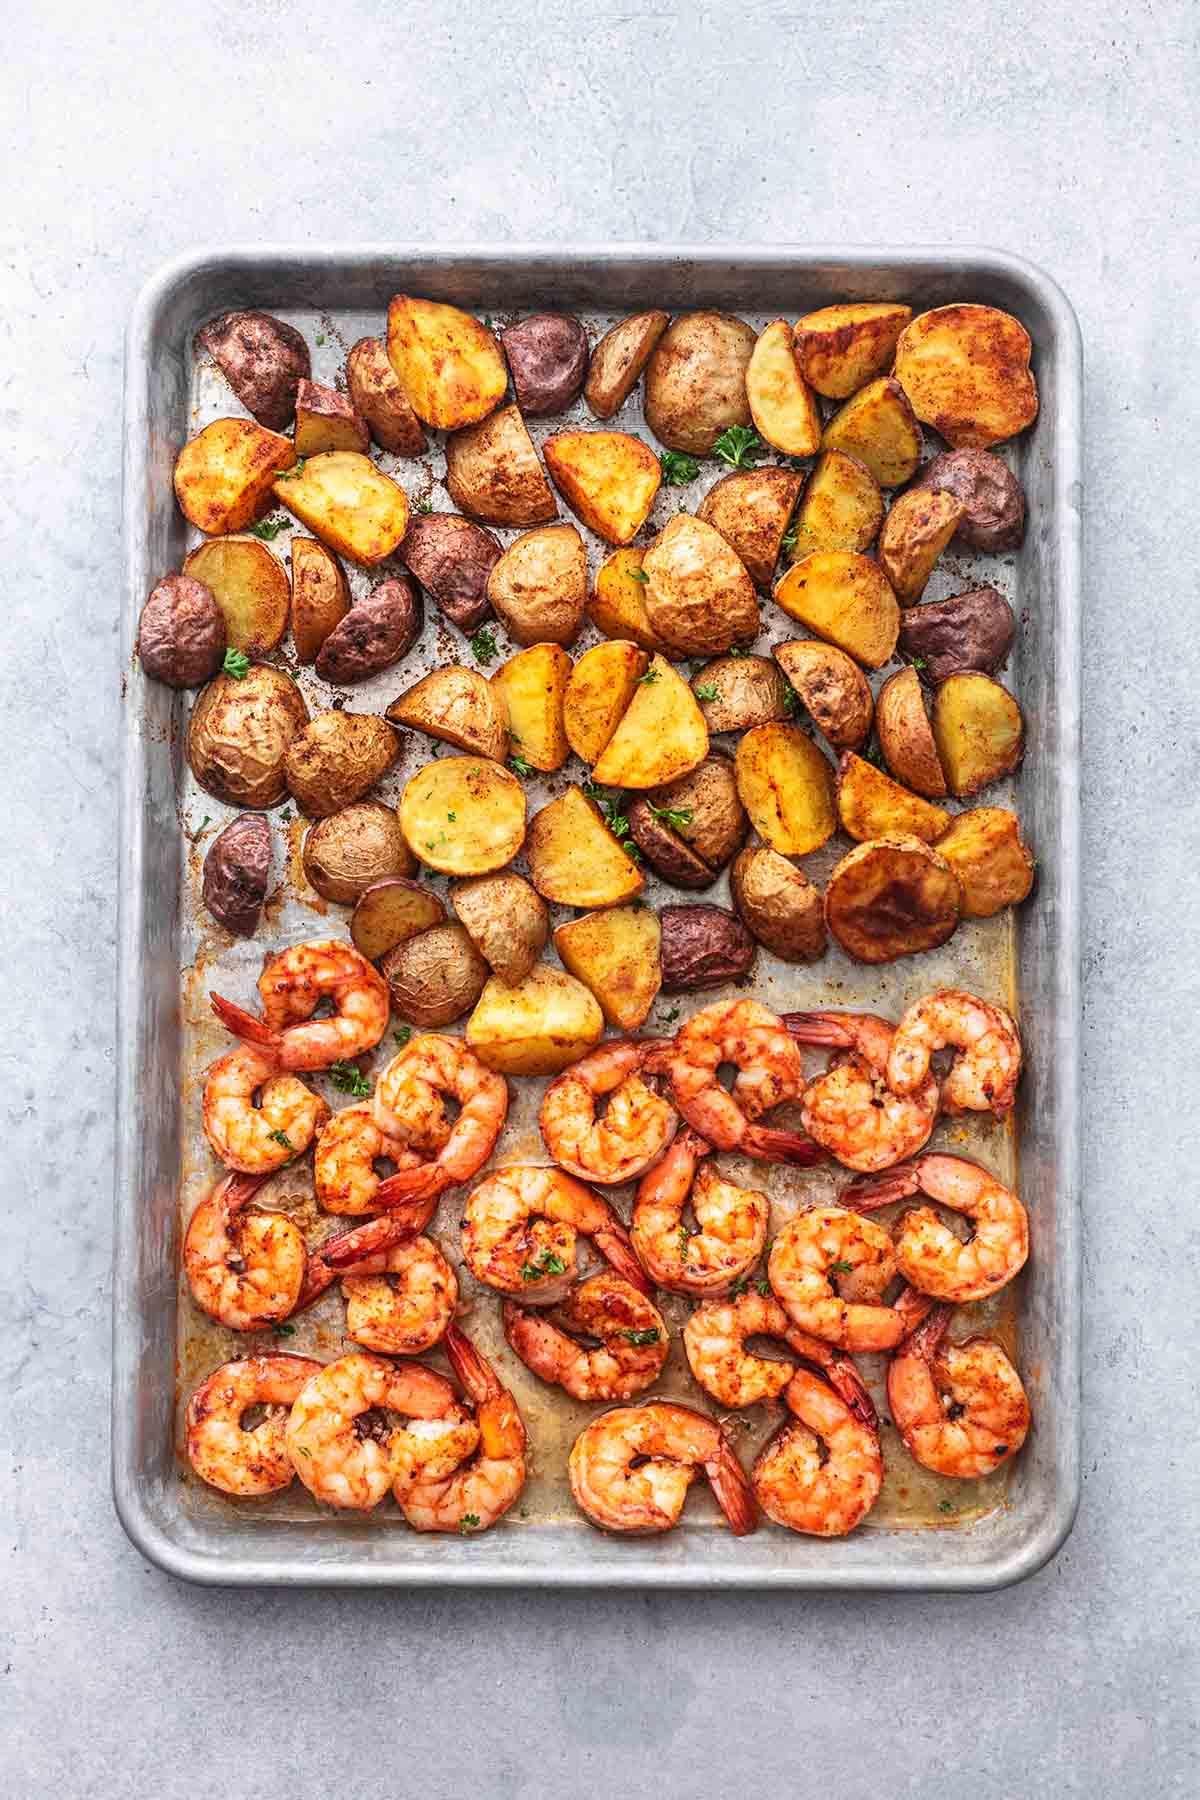 cajun shrimp and potatoes on a sheet pan